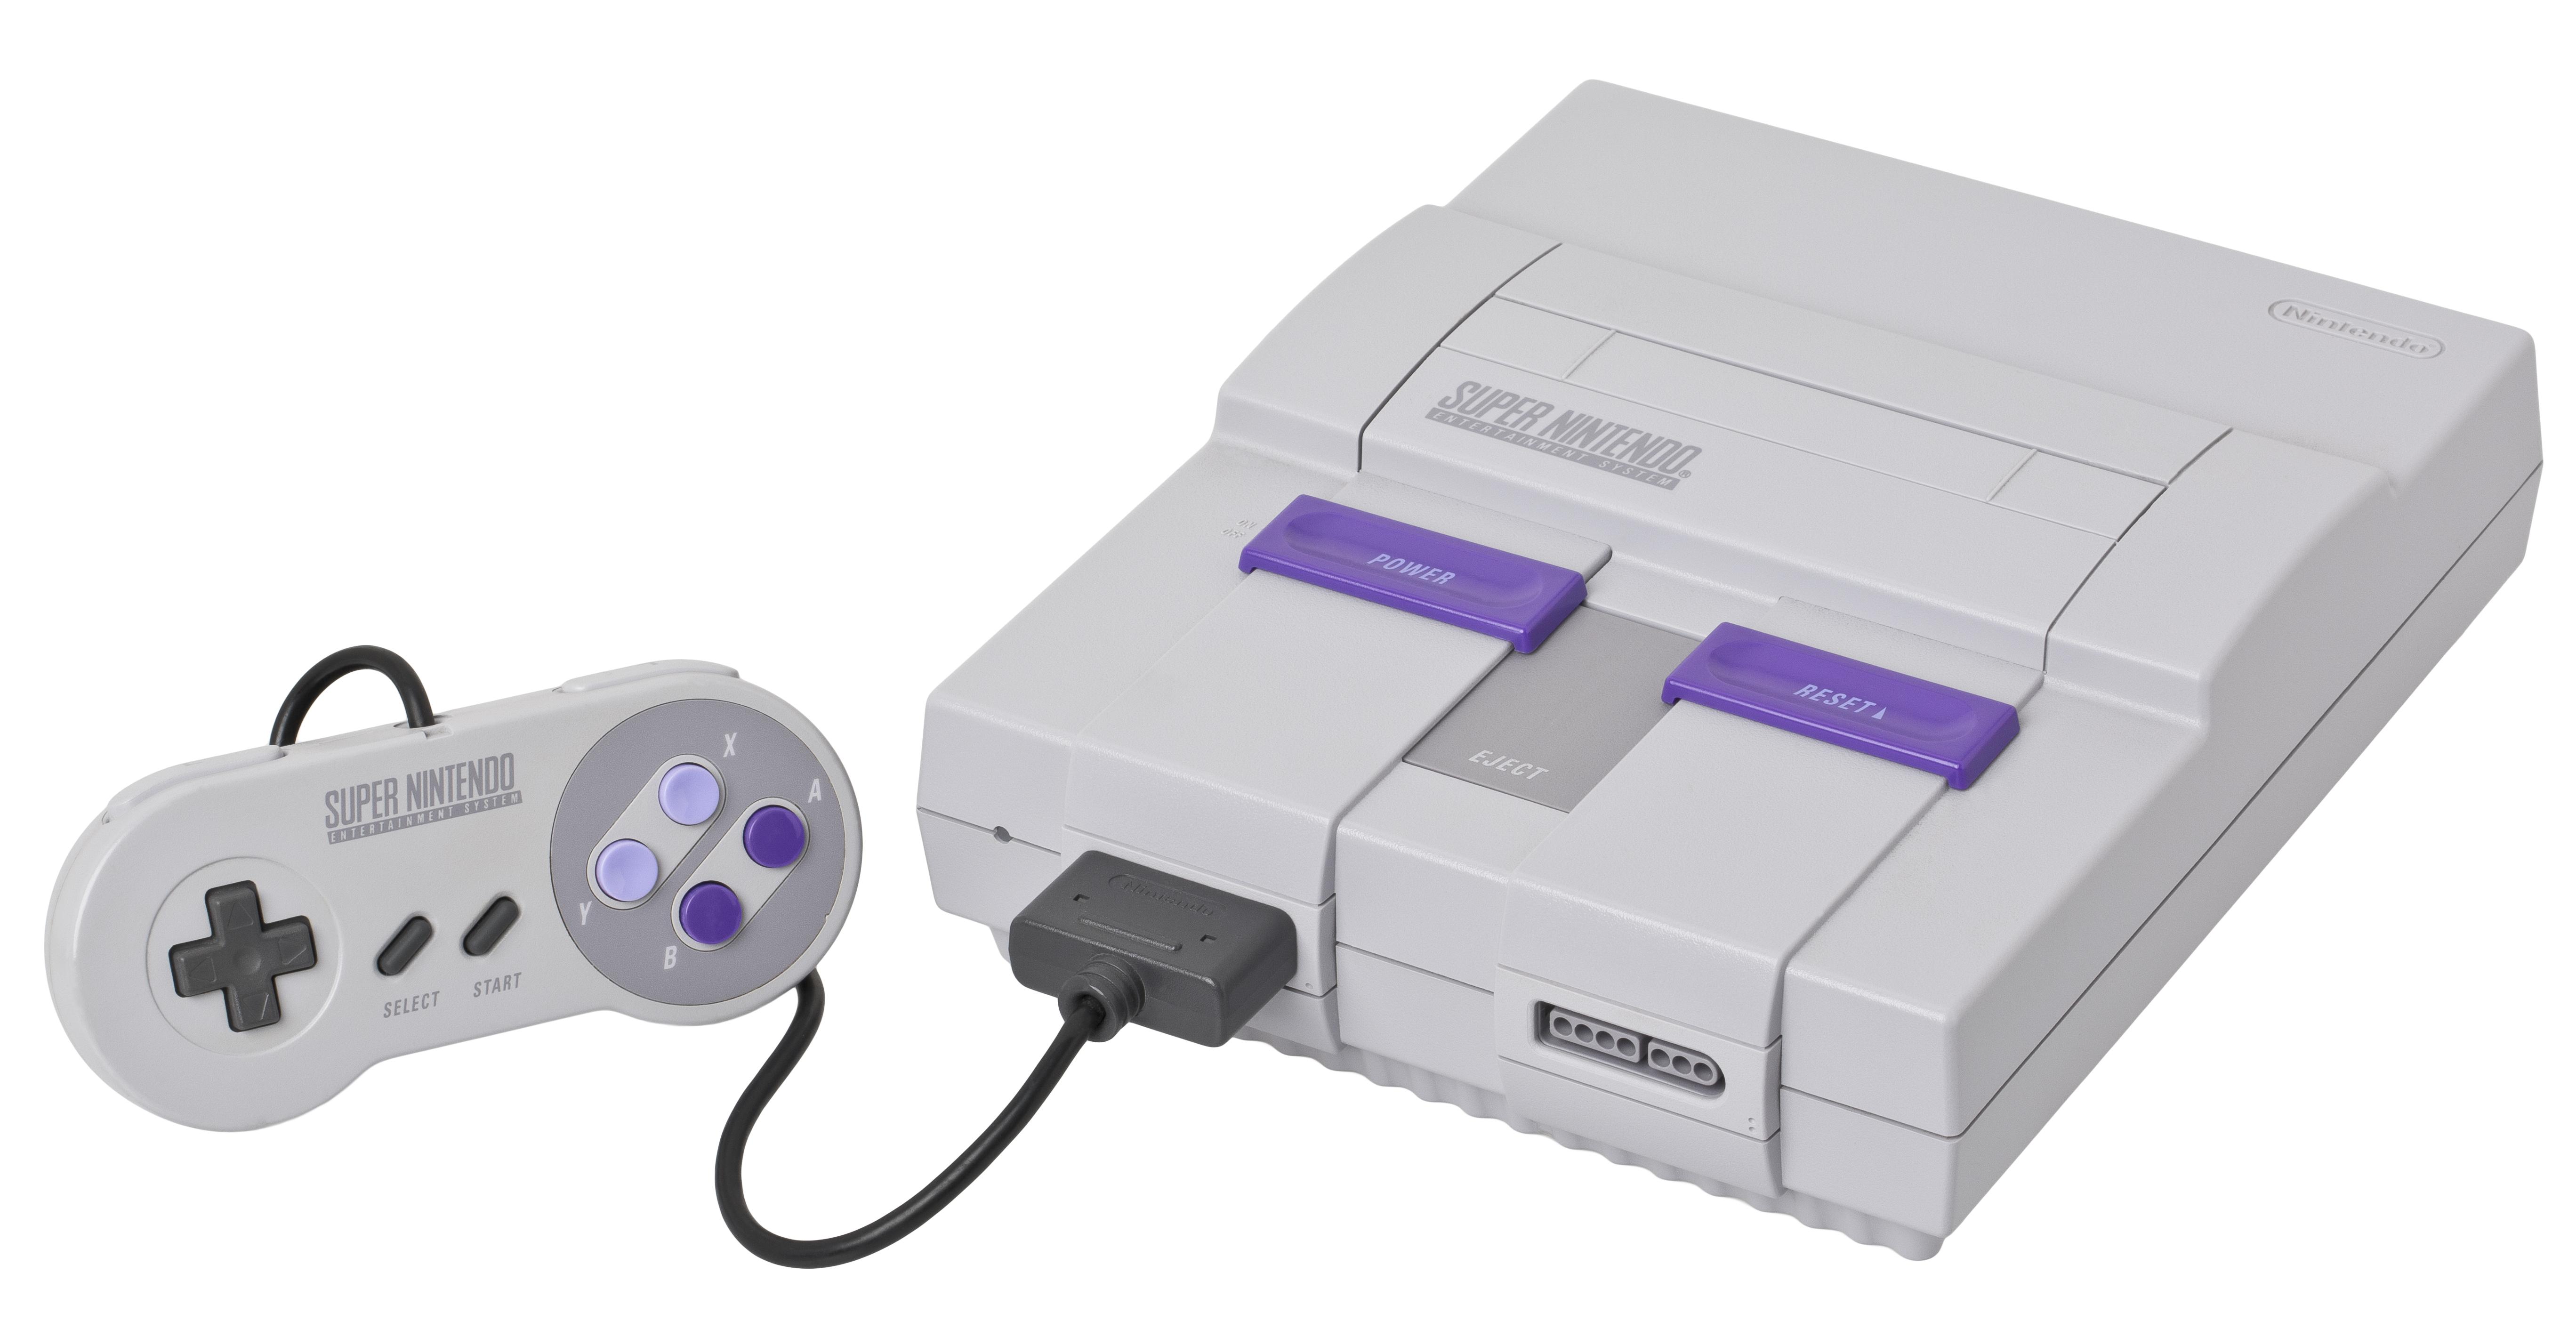 Fuentes aseguran que Nintendo esta preparando la SNES Mini para este año